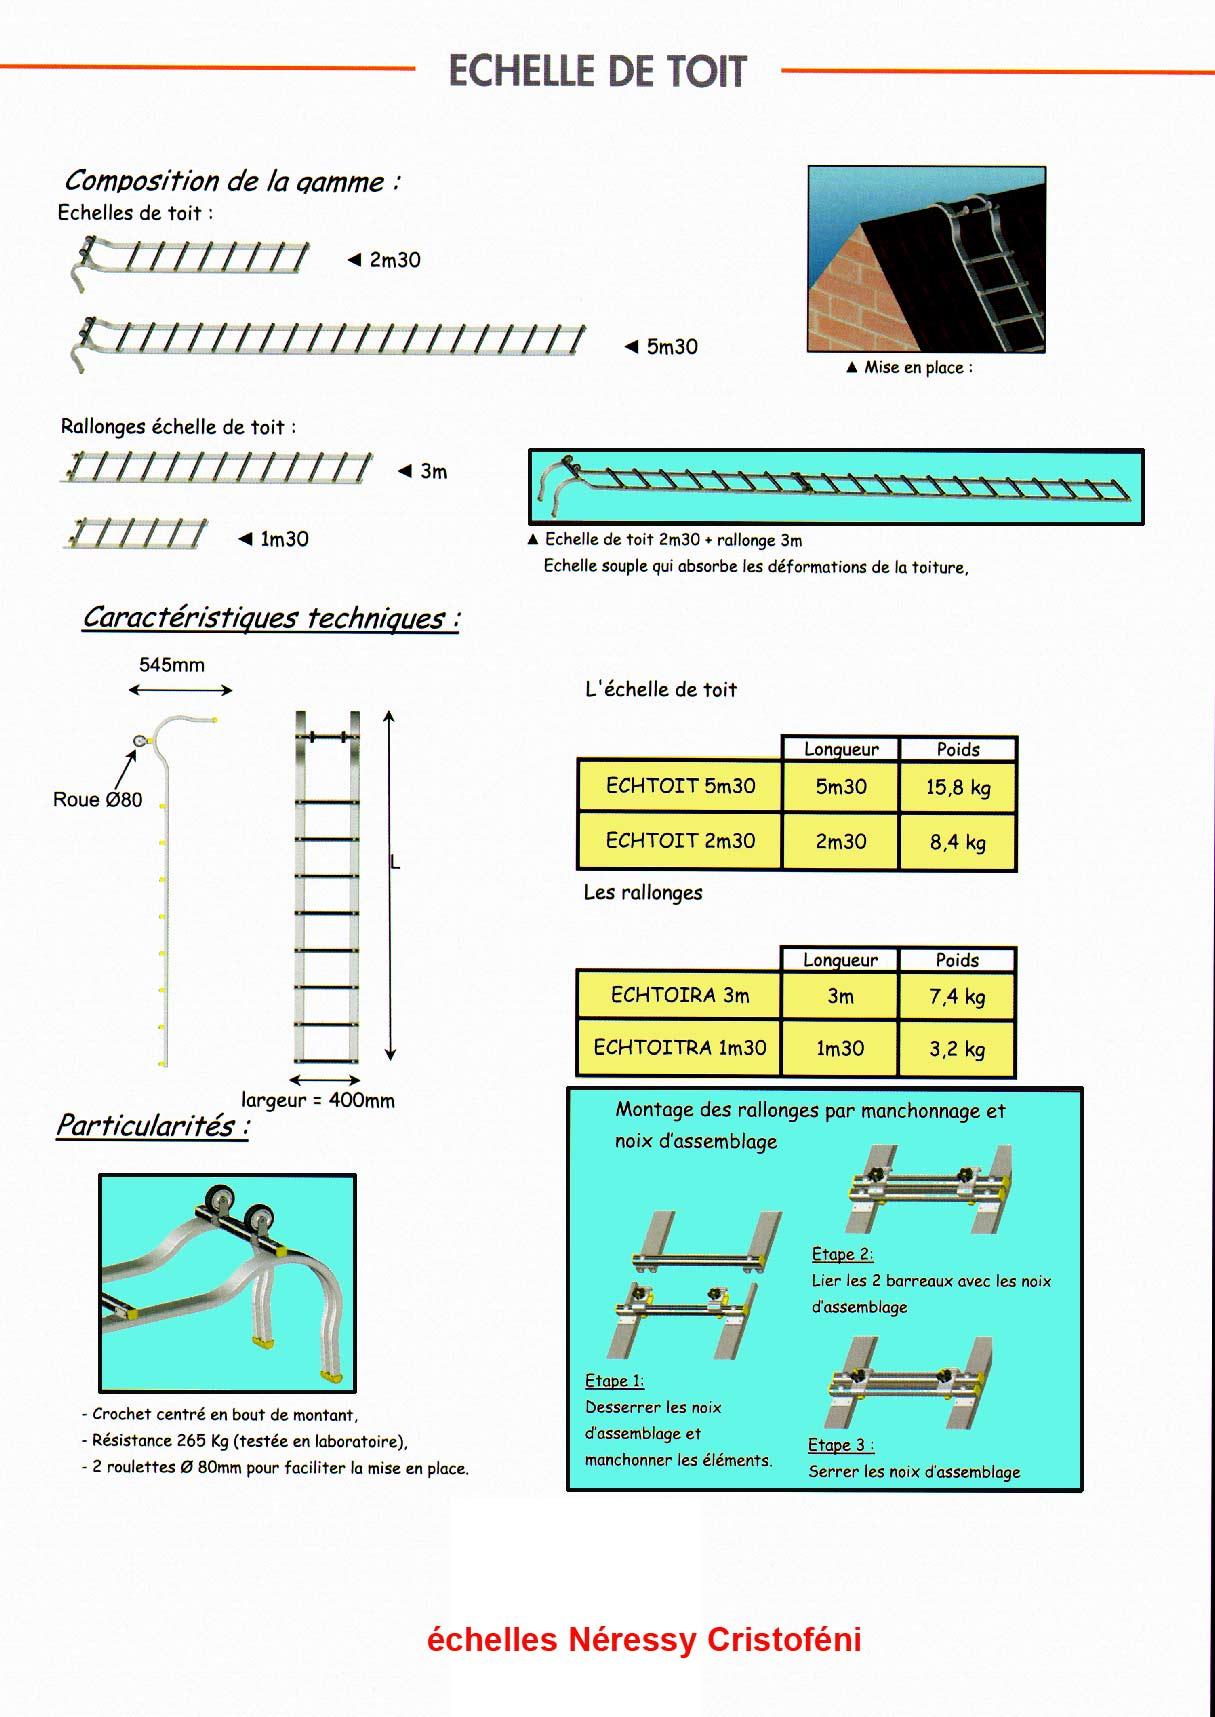 Echafaudage photo du catalogue 2010 des chelles de toit en 2 l ments avec - Location echelle de toit ...